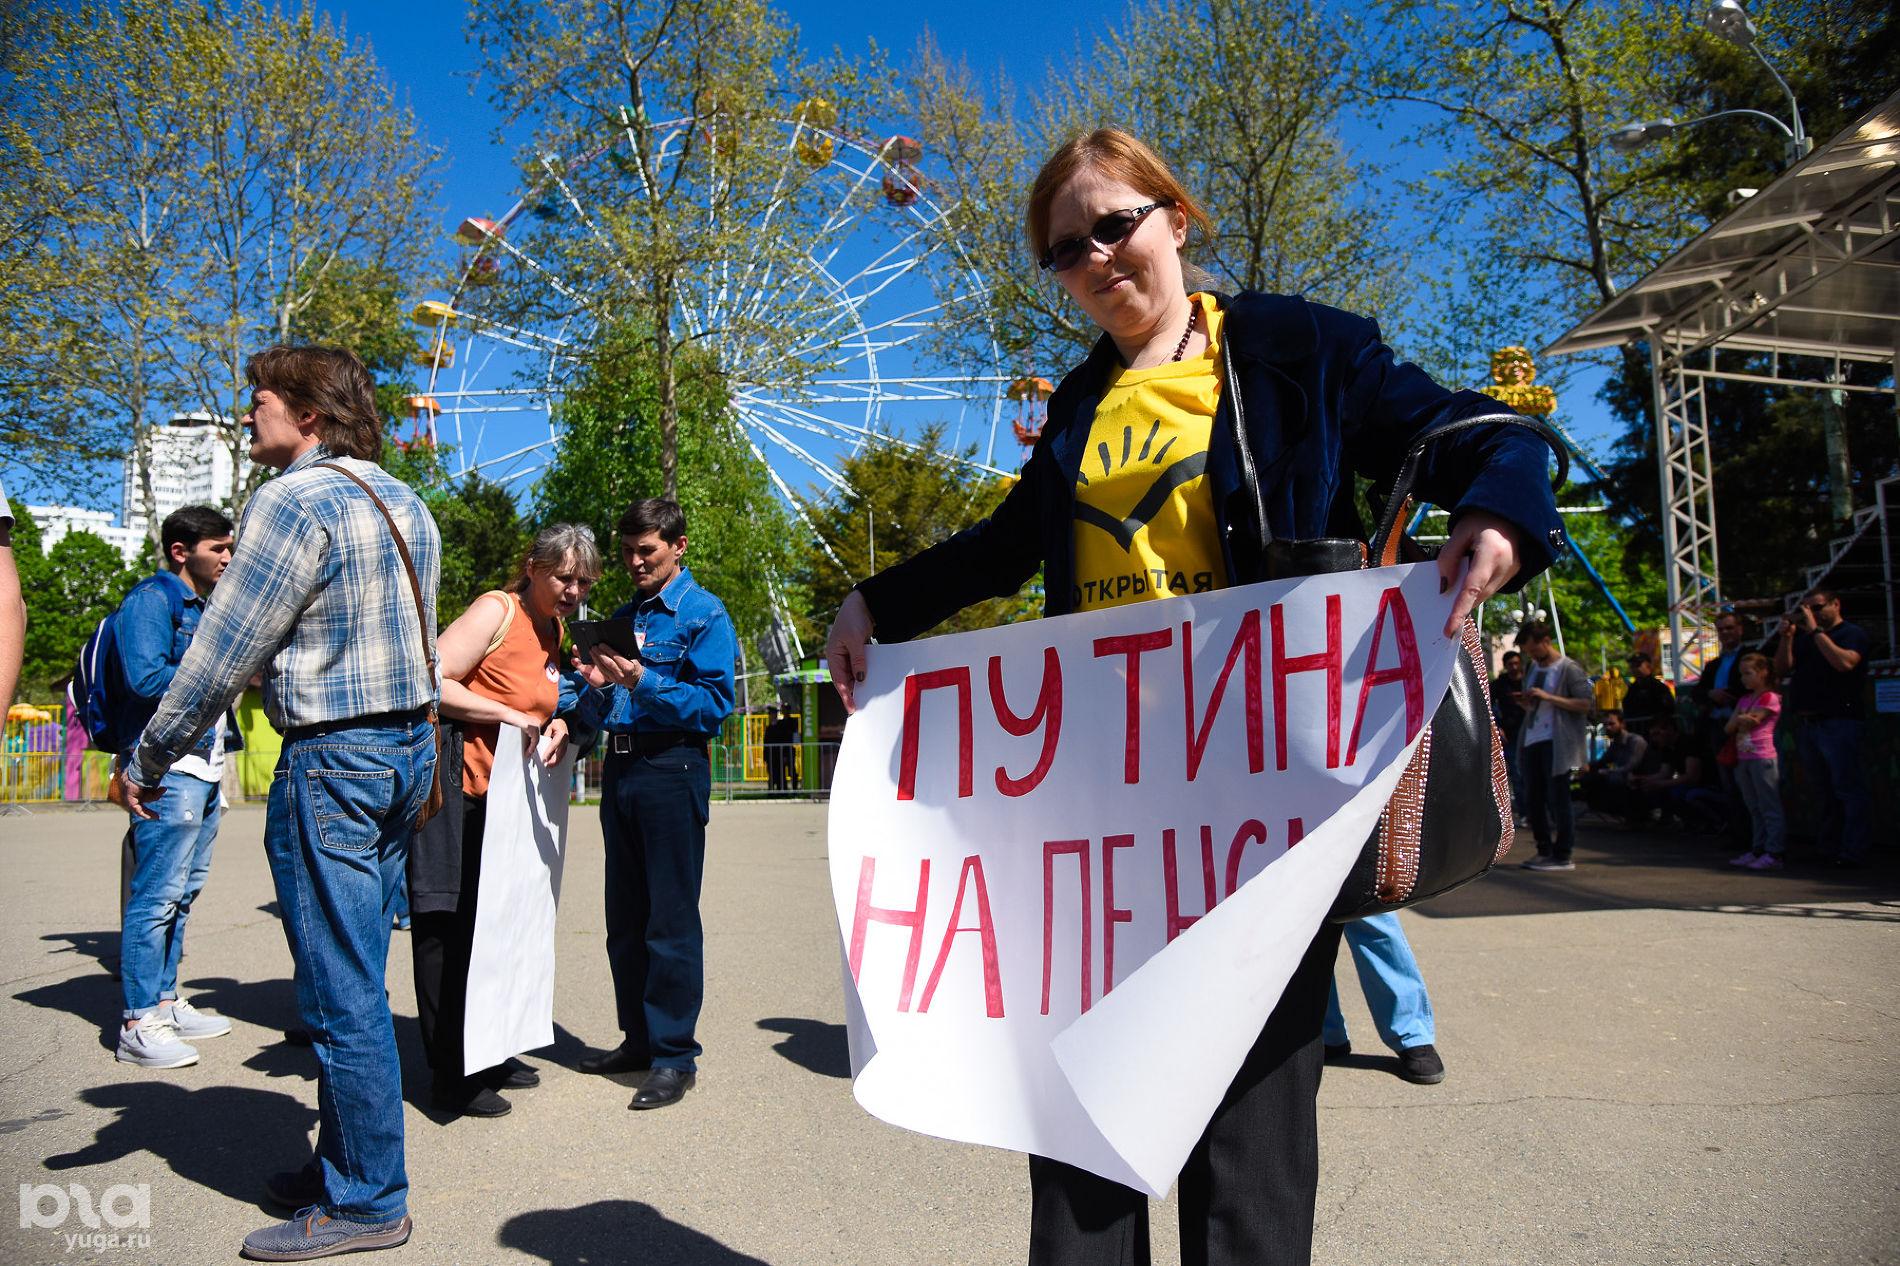 Митинг «Надоел» в Краснодаре, 29 апреля 2017 года ©Фото Елены Синеок, Юга.ру